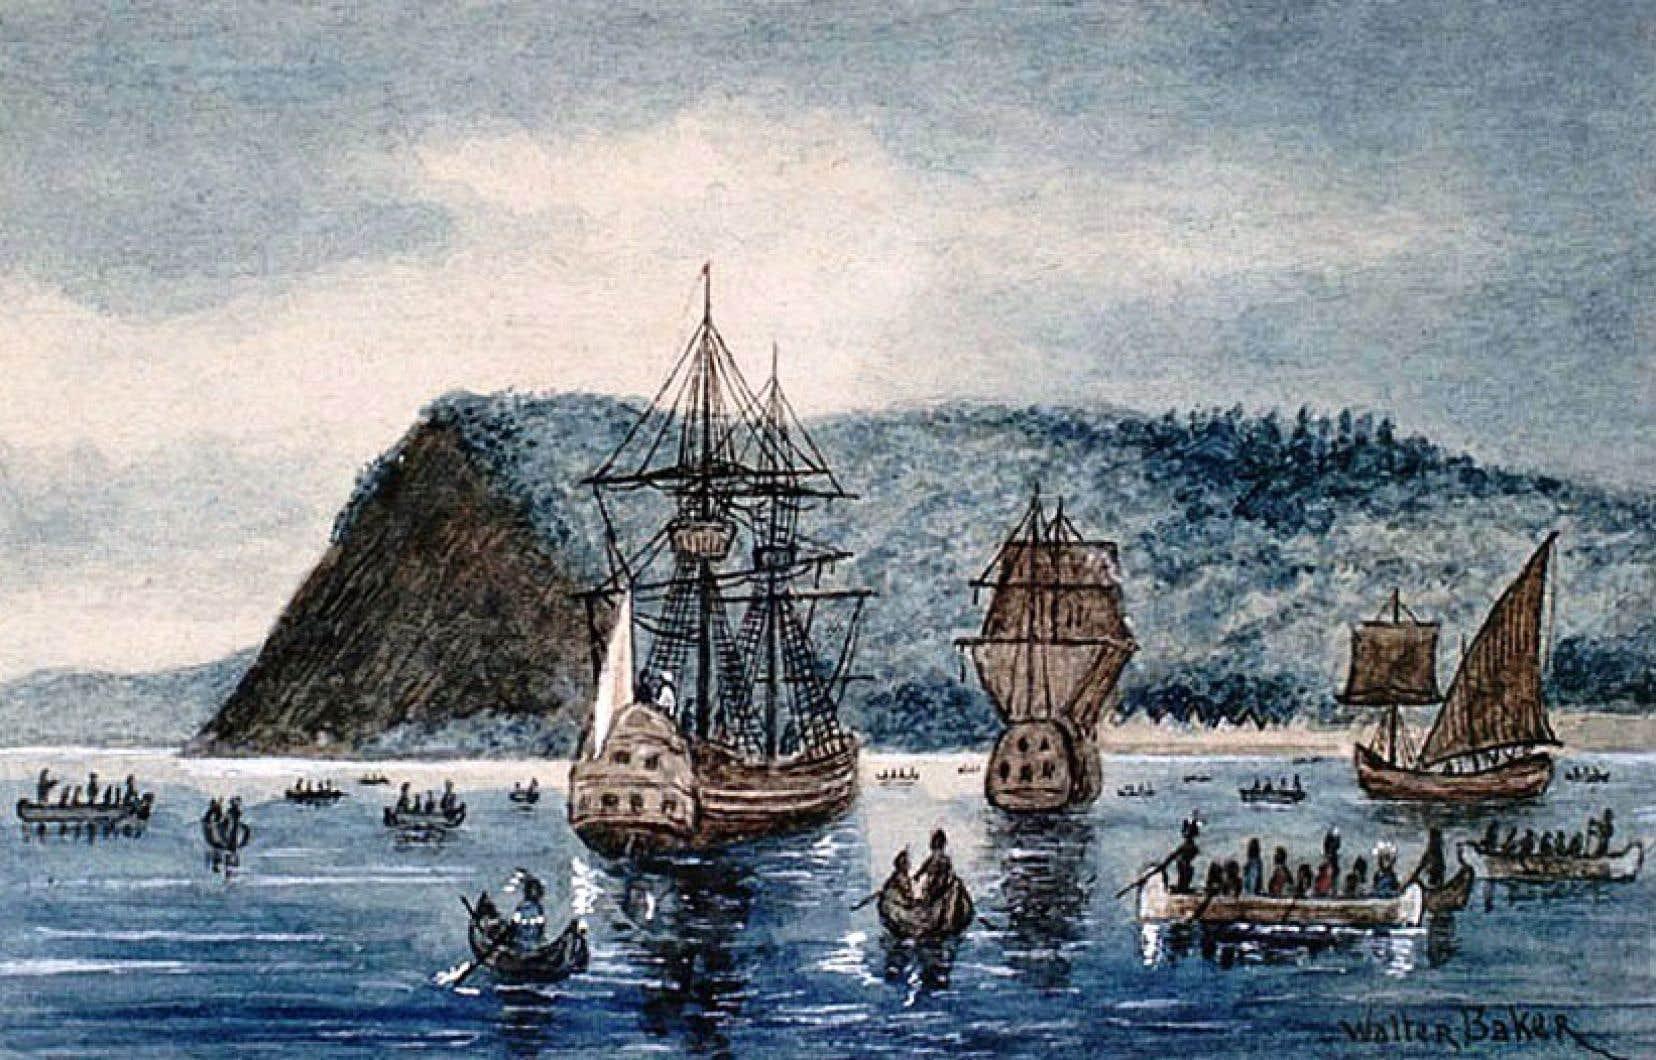 L'arrivée de Jacques Cartier dans le village iroquoien de Stadaconé en 1535